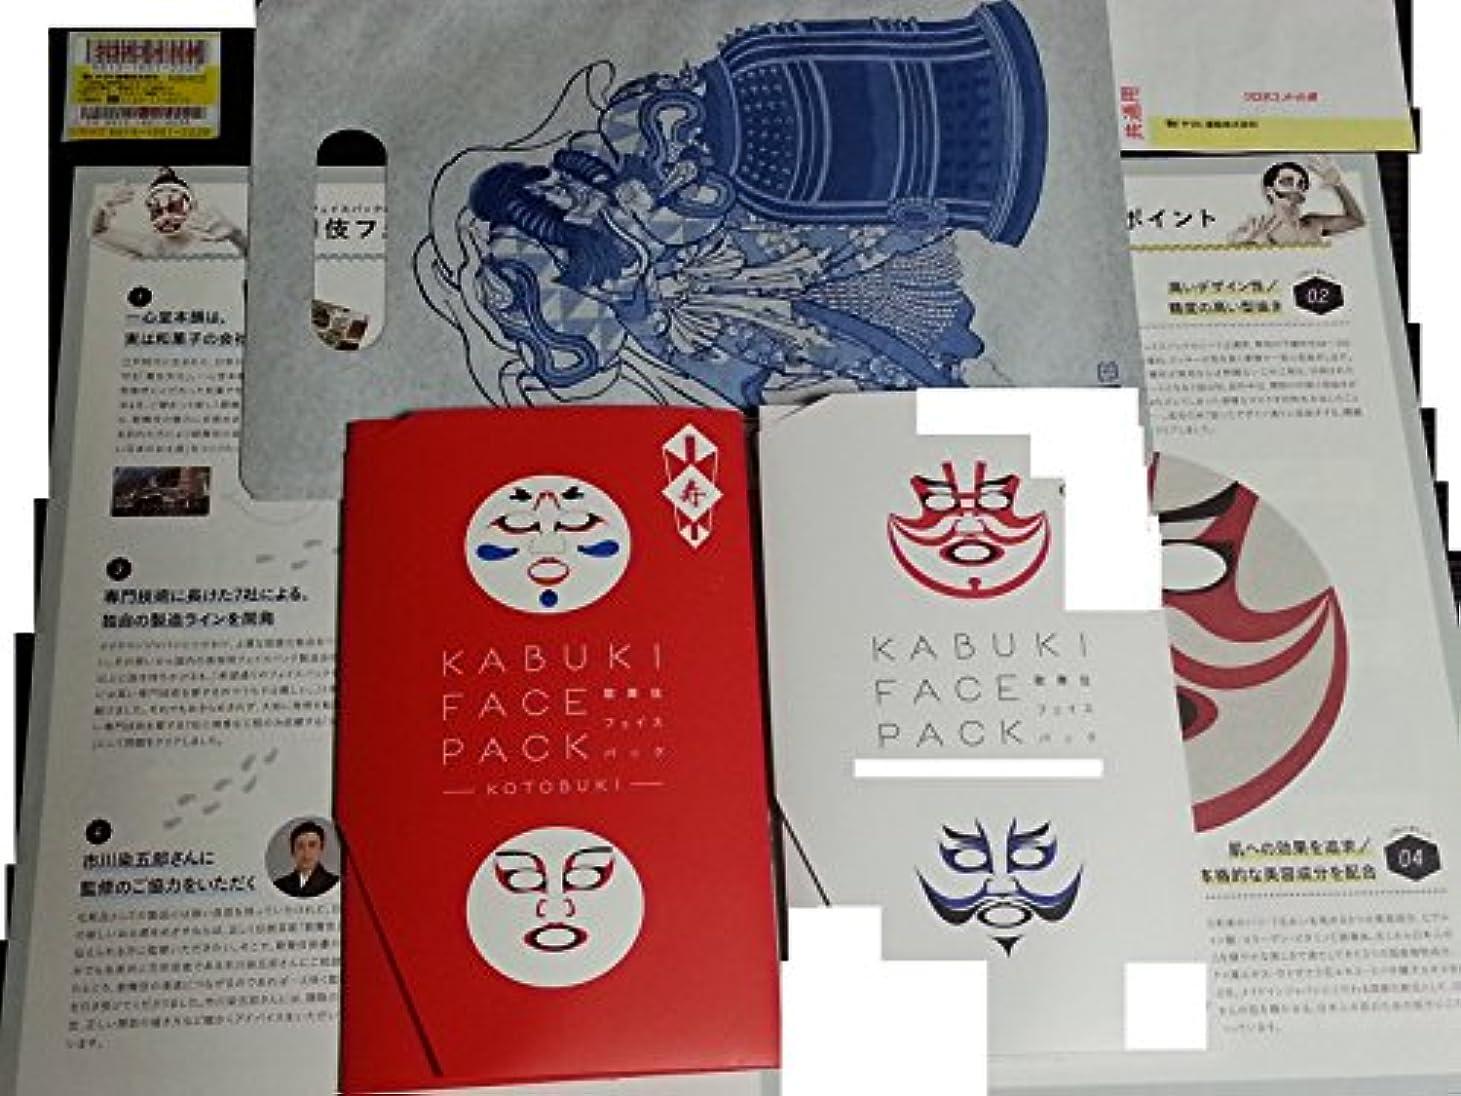 性別歴史悲惨な歌舞伎フェイスパック セット  KABUKI FACE PACK -ISESHIMA- & -KOTOBUKI- (伊勢志摩&寿)全2点セット